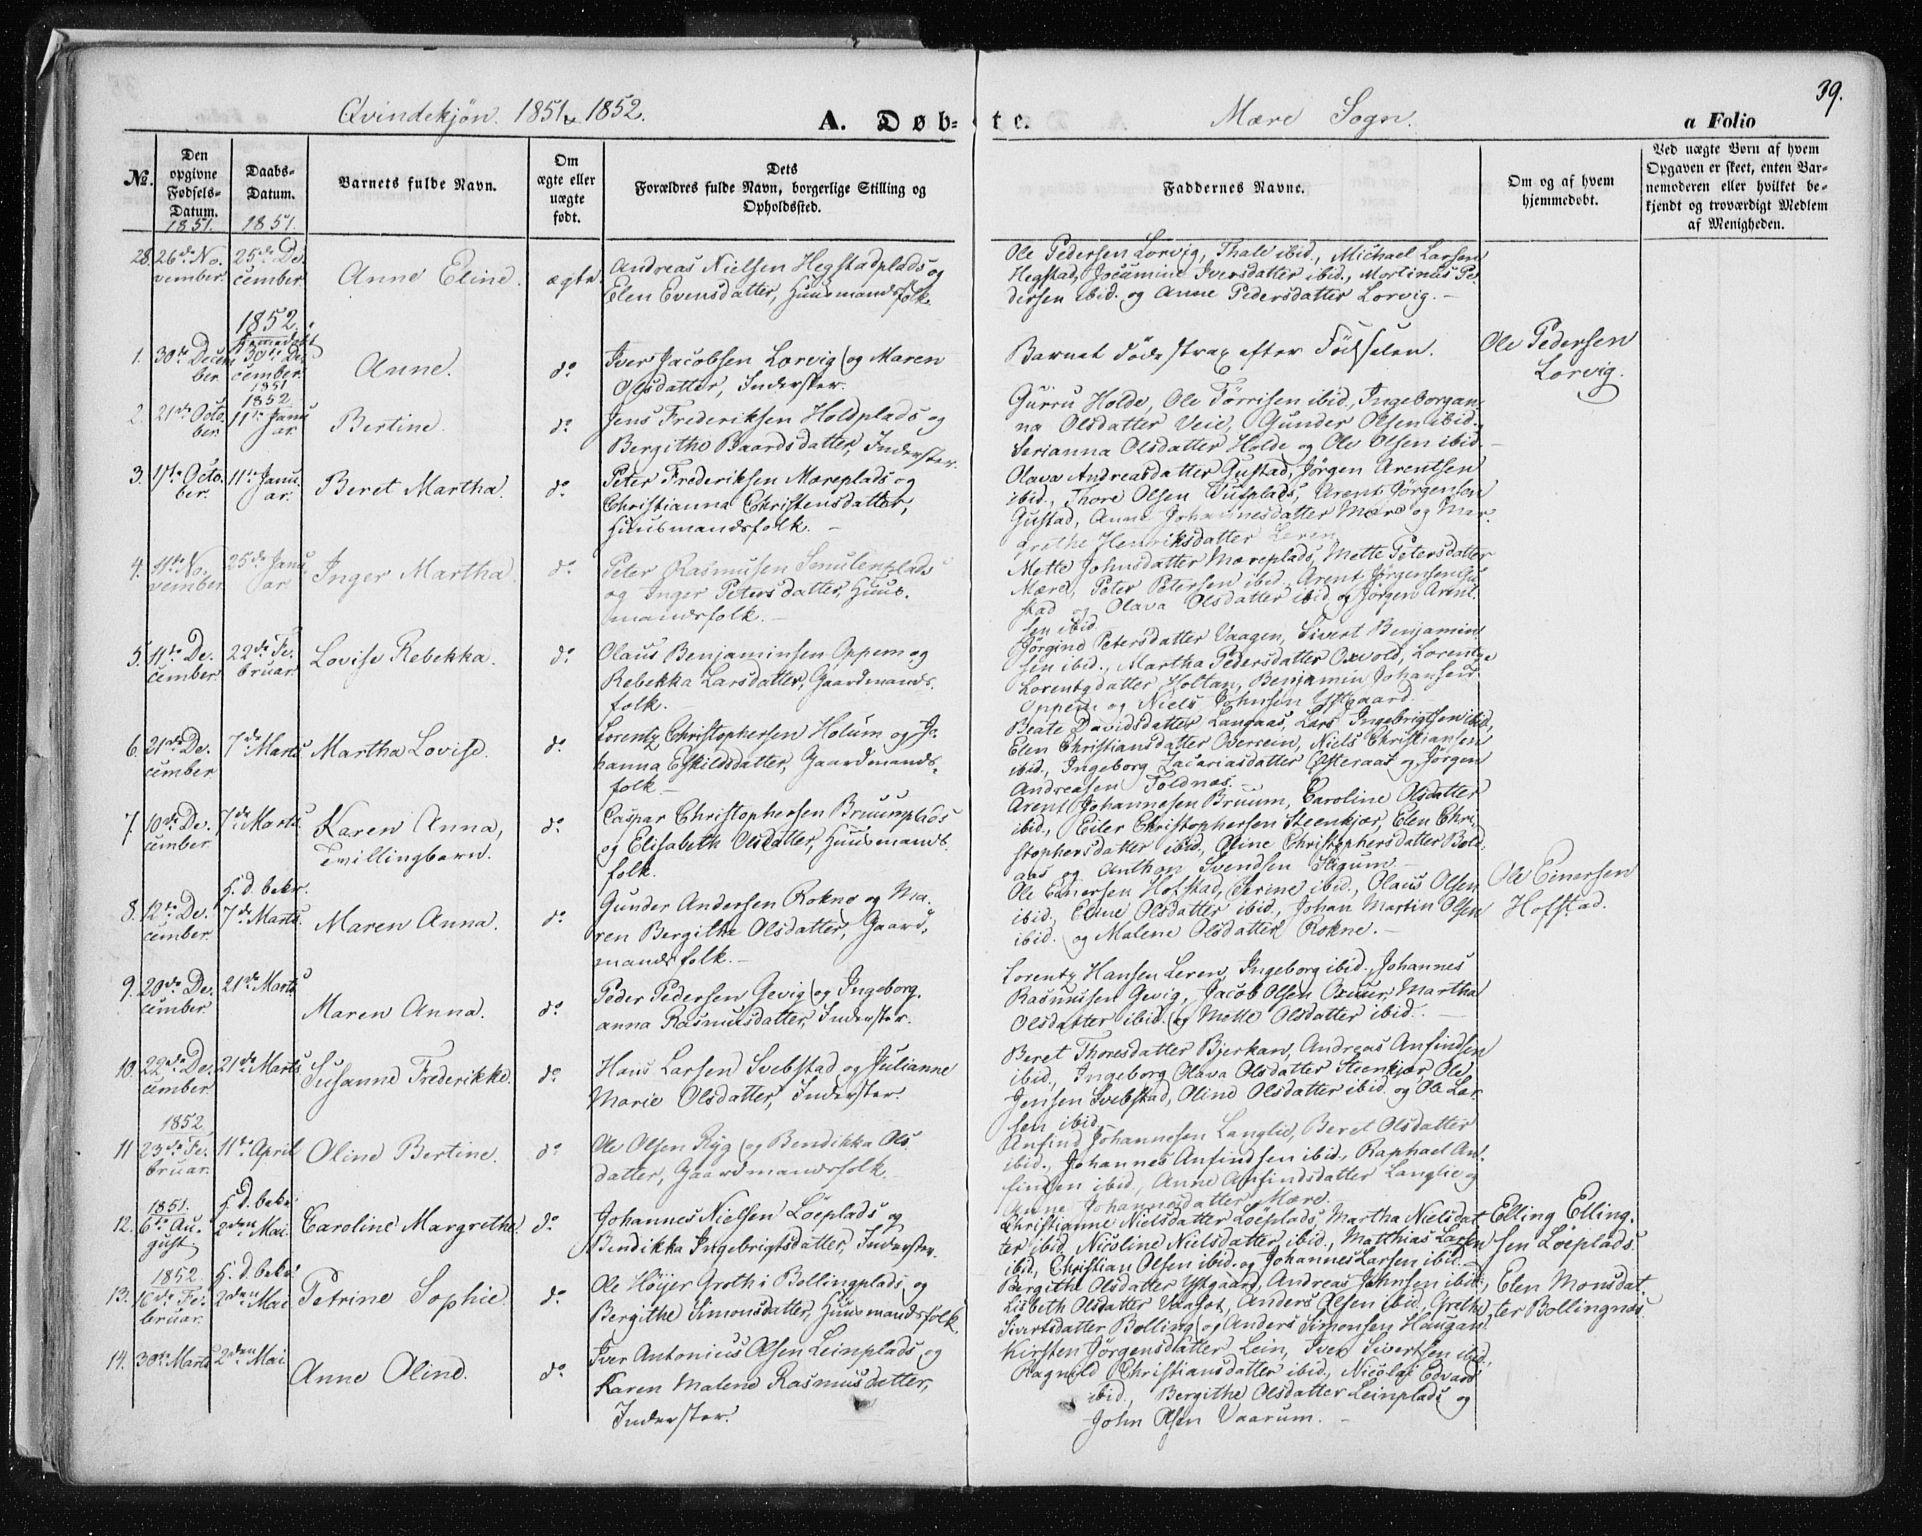 SAT, Ministerialprotokoller, klokkerbøker og fødselsregistre - Nord-Trøndelag, 735/L0342: Ministerialbok nr. 735A07 /1, 1849-1862, s. 39